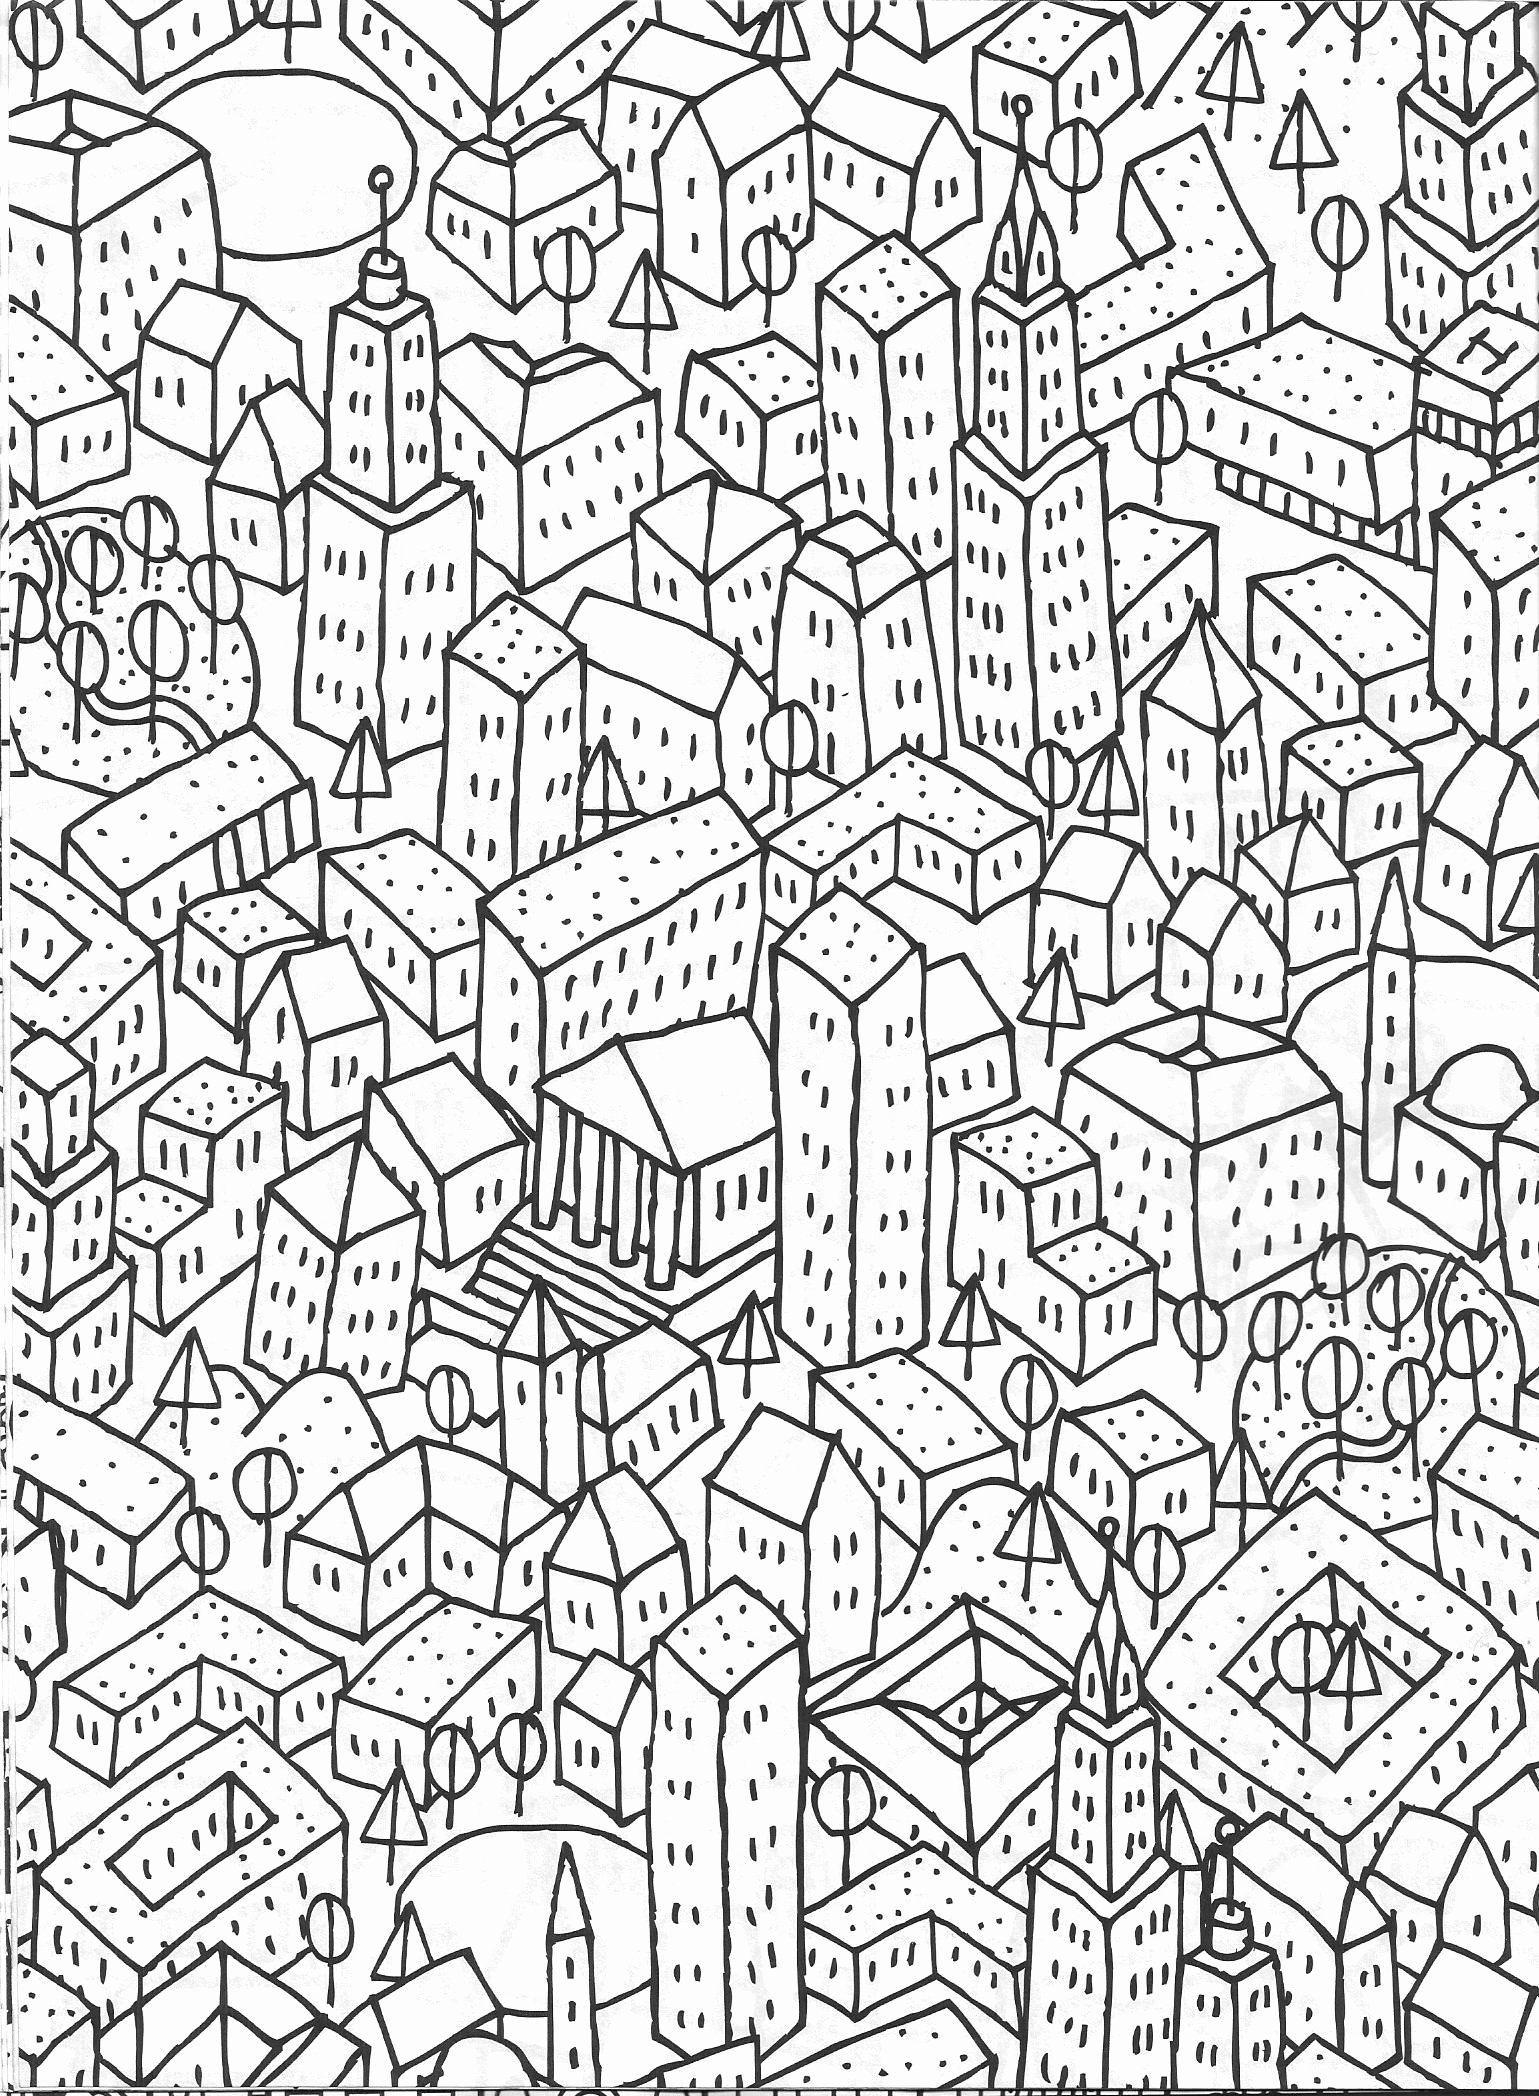 stadtskylinemalvorlagen elegantes stadtbildmalvorlage